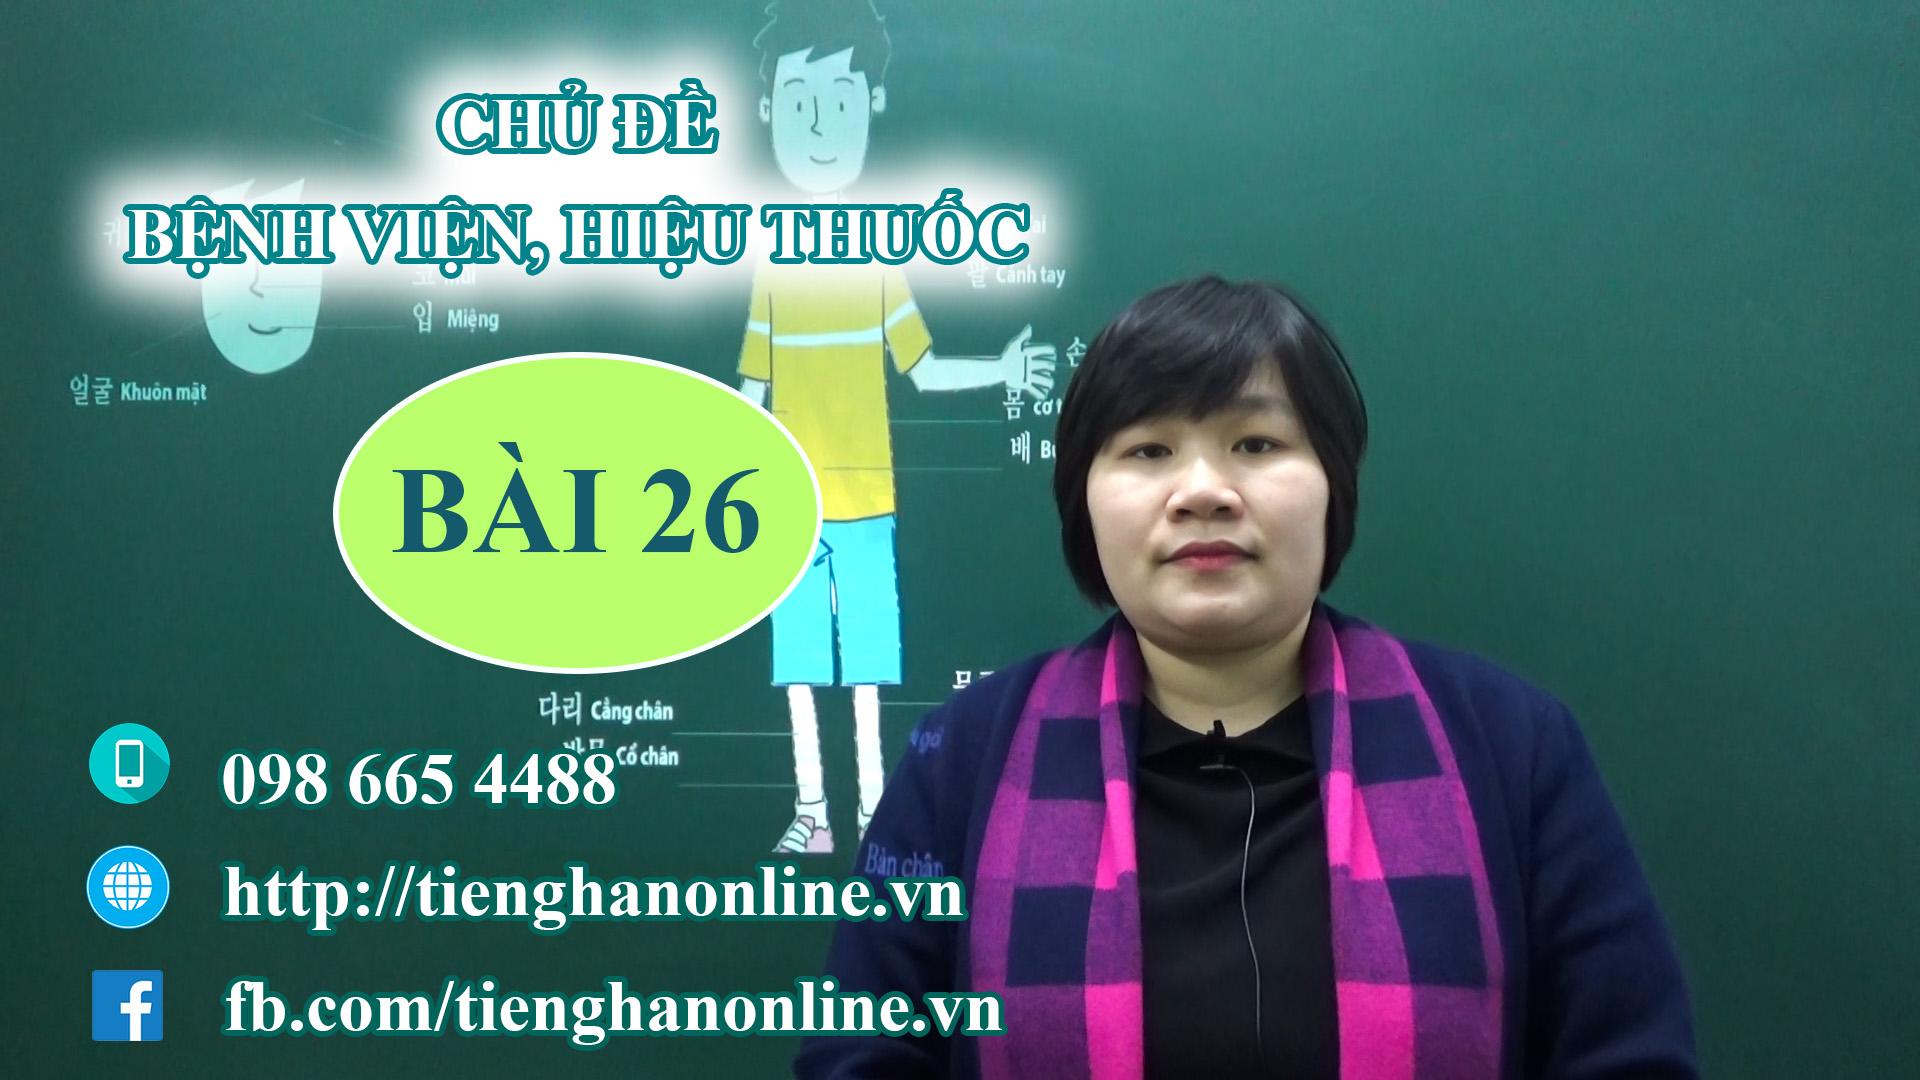 bai-26-chu-de-benh-vien-hieu-thuoc